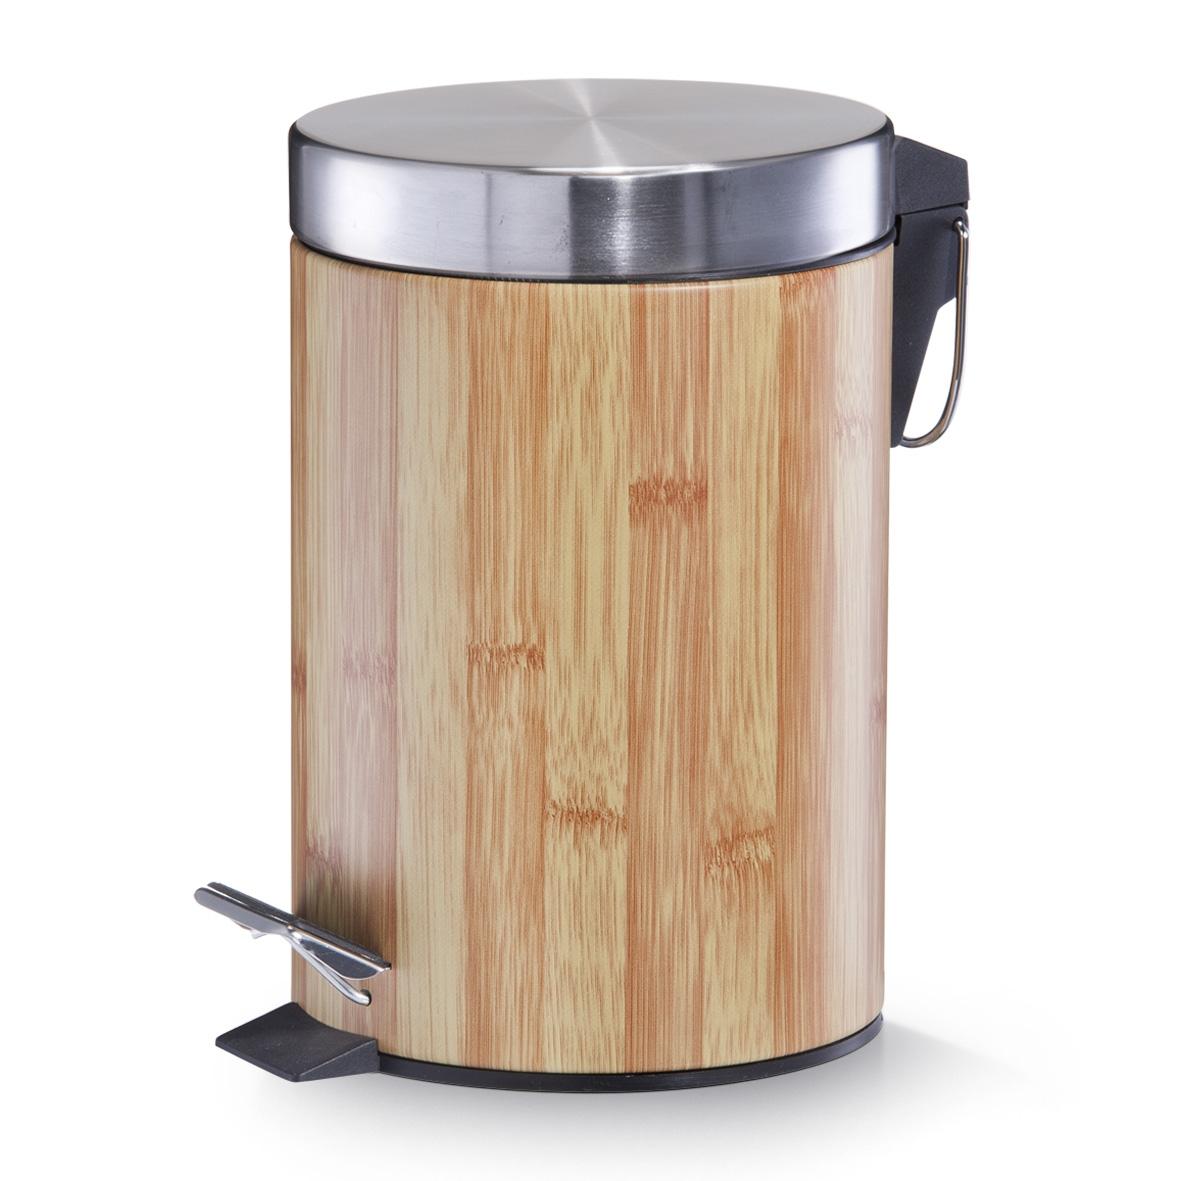 Cos de gunoi cu pedala pentru baie, Metal, Bamboo Optic, 3L imagine